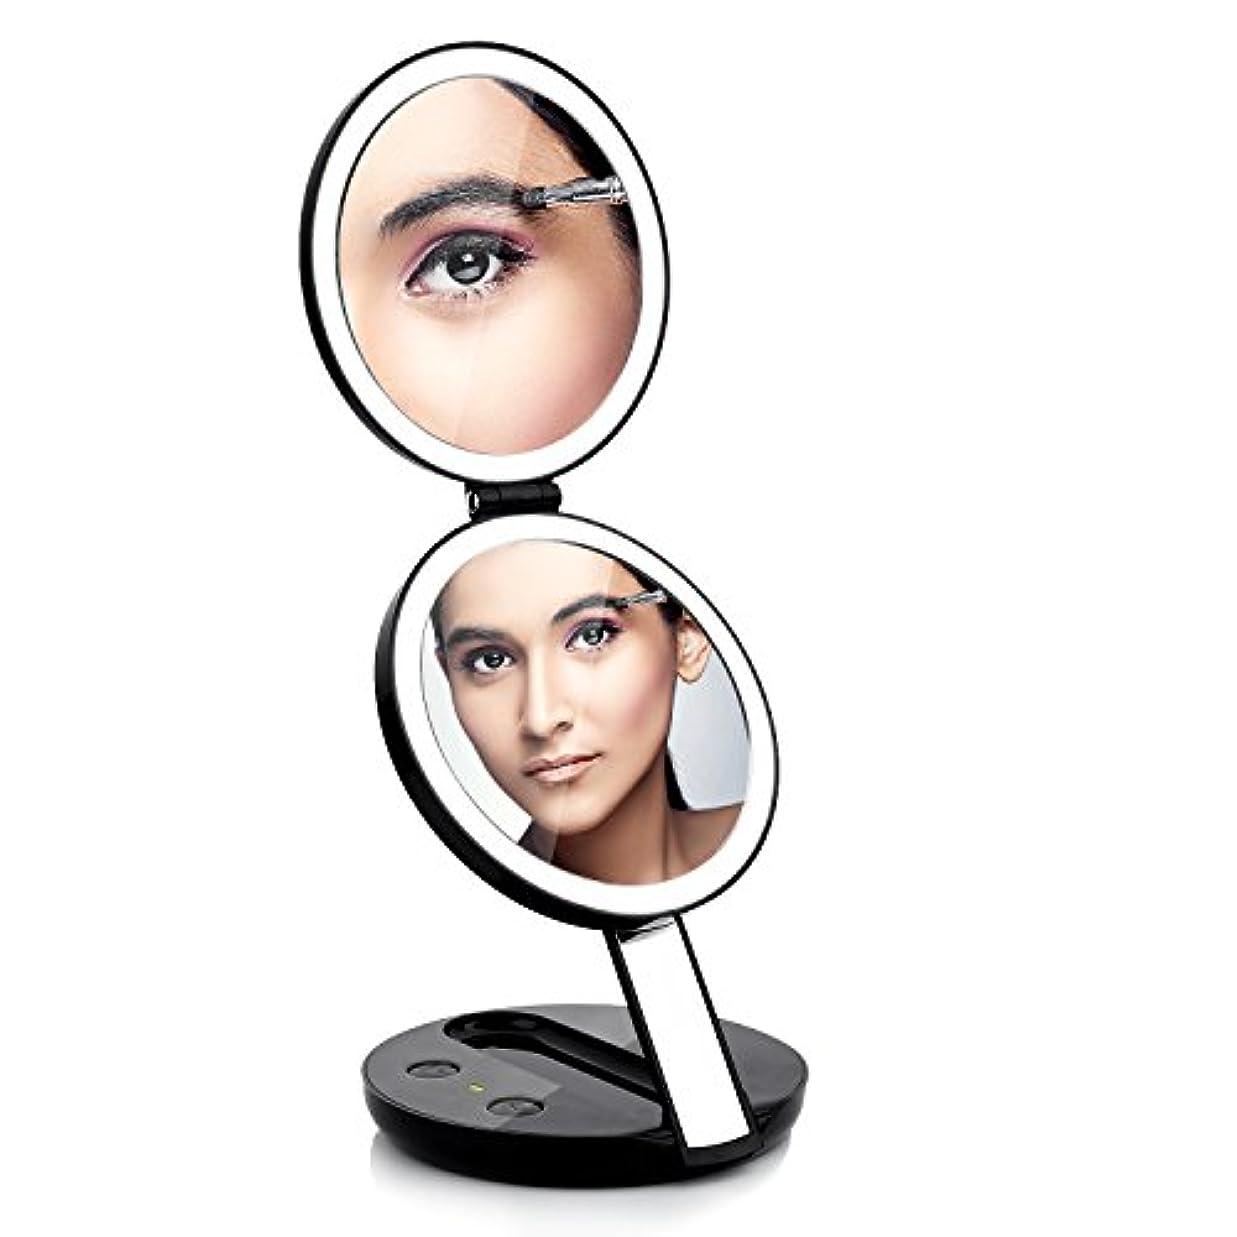 始める千アウトドアコンパクトミラー 両面 卓上ミラー 化粧鏡 手鏡 丸型 Ledライト 等倍と7倍拡大鏡 折りたたみ式 明るさ調整可能 角度調節USB給電 電池式 おしゃれ 手のひらサイズ 贈り物(ブラック)